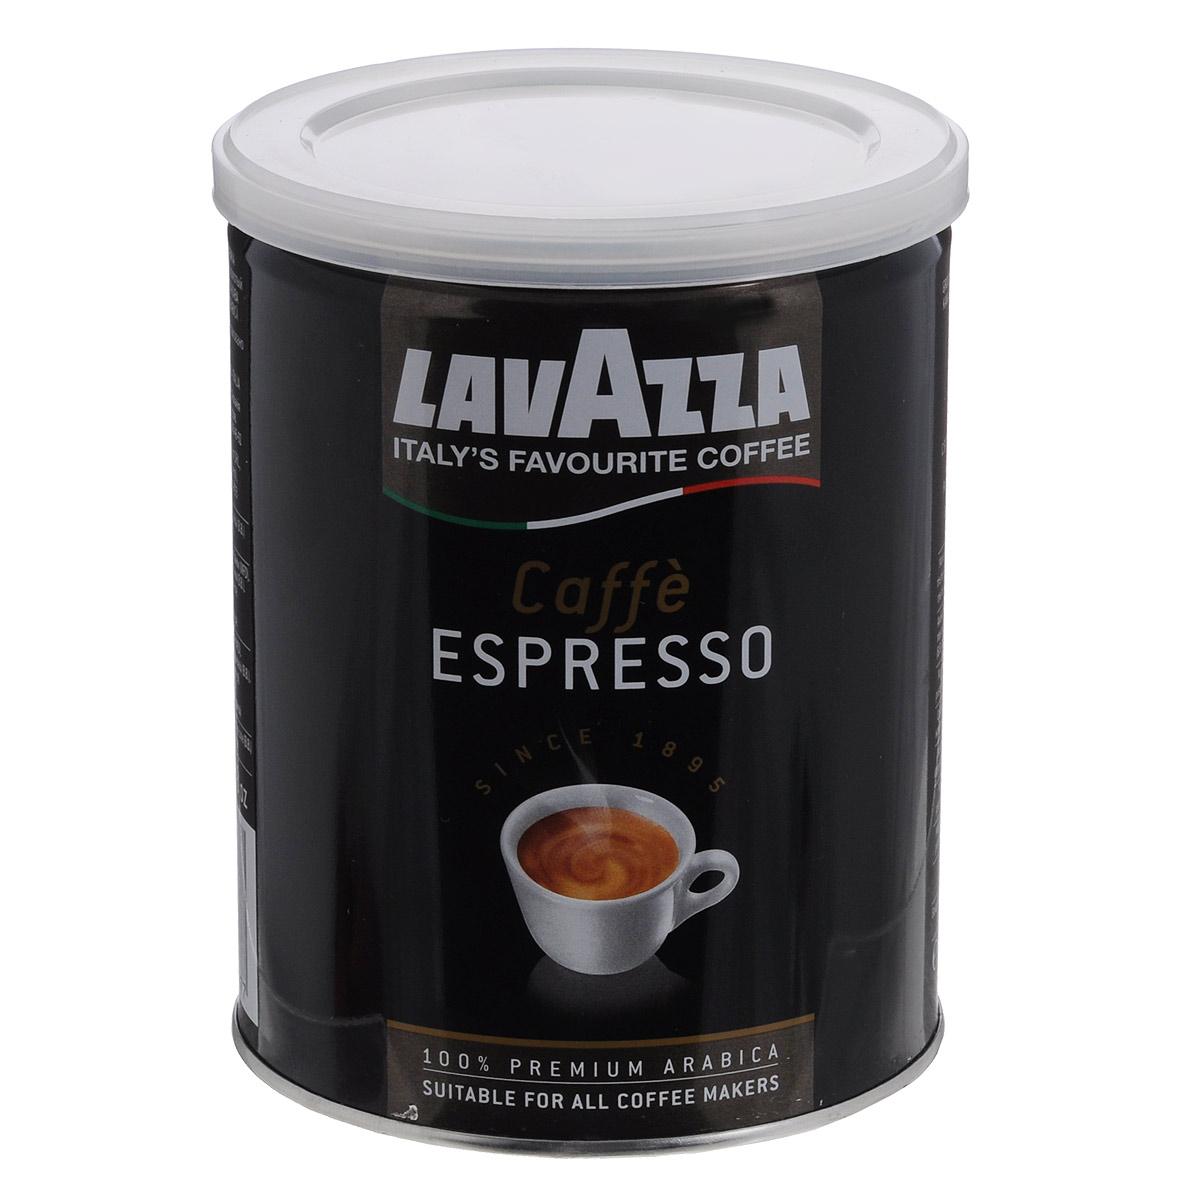 Lavazza Caffe Espresso кофе молотый, 250 г (ж/б)101246Молотый кофе средней обжарки Lavazza Caffe Espresso - смесь арабики Центральной Америки и Африки - обладает крепким,насыщенным вкусом и приятным ароматом. Отлично подходит для варки в турке и приготовления в кофемашине.